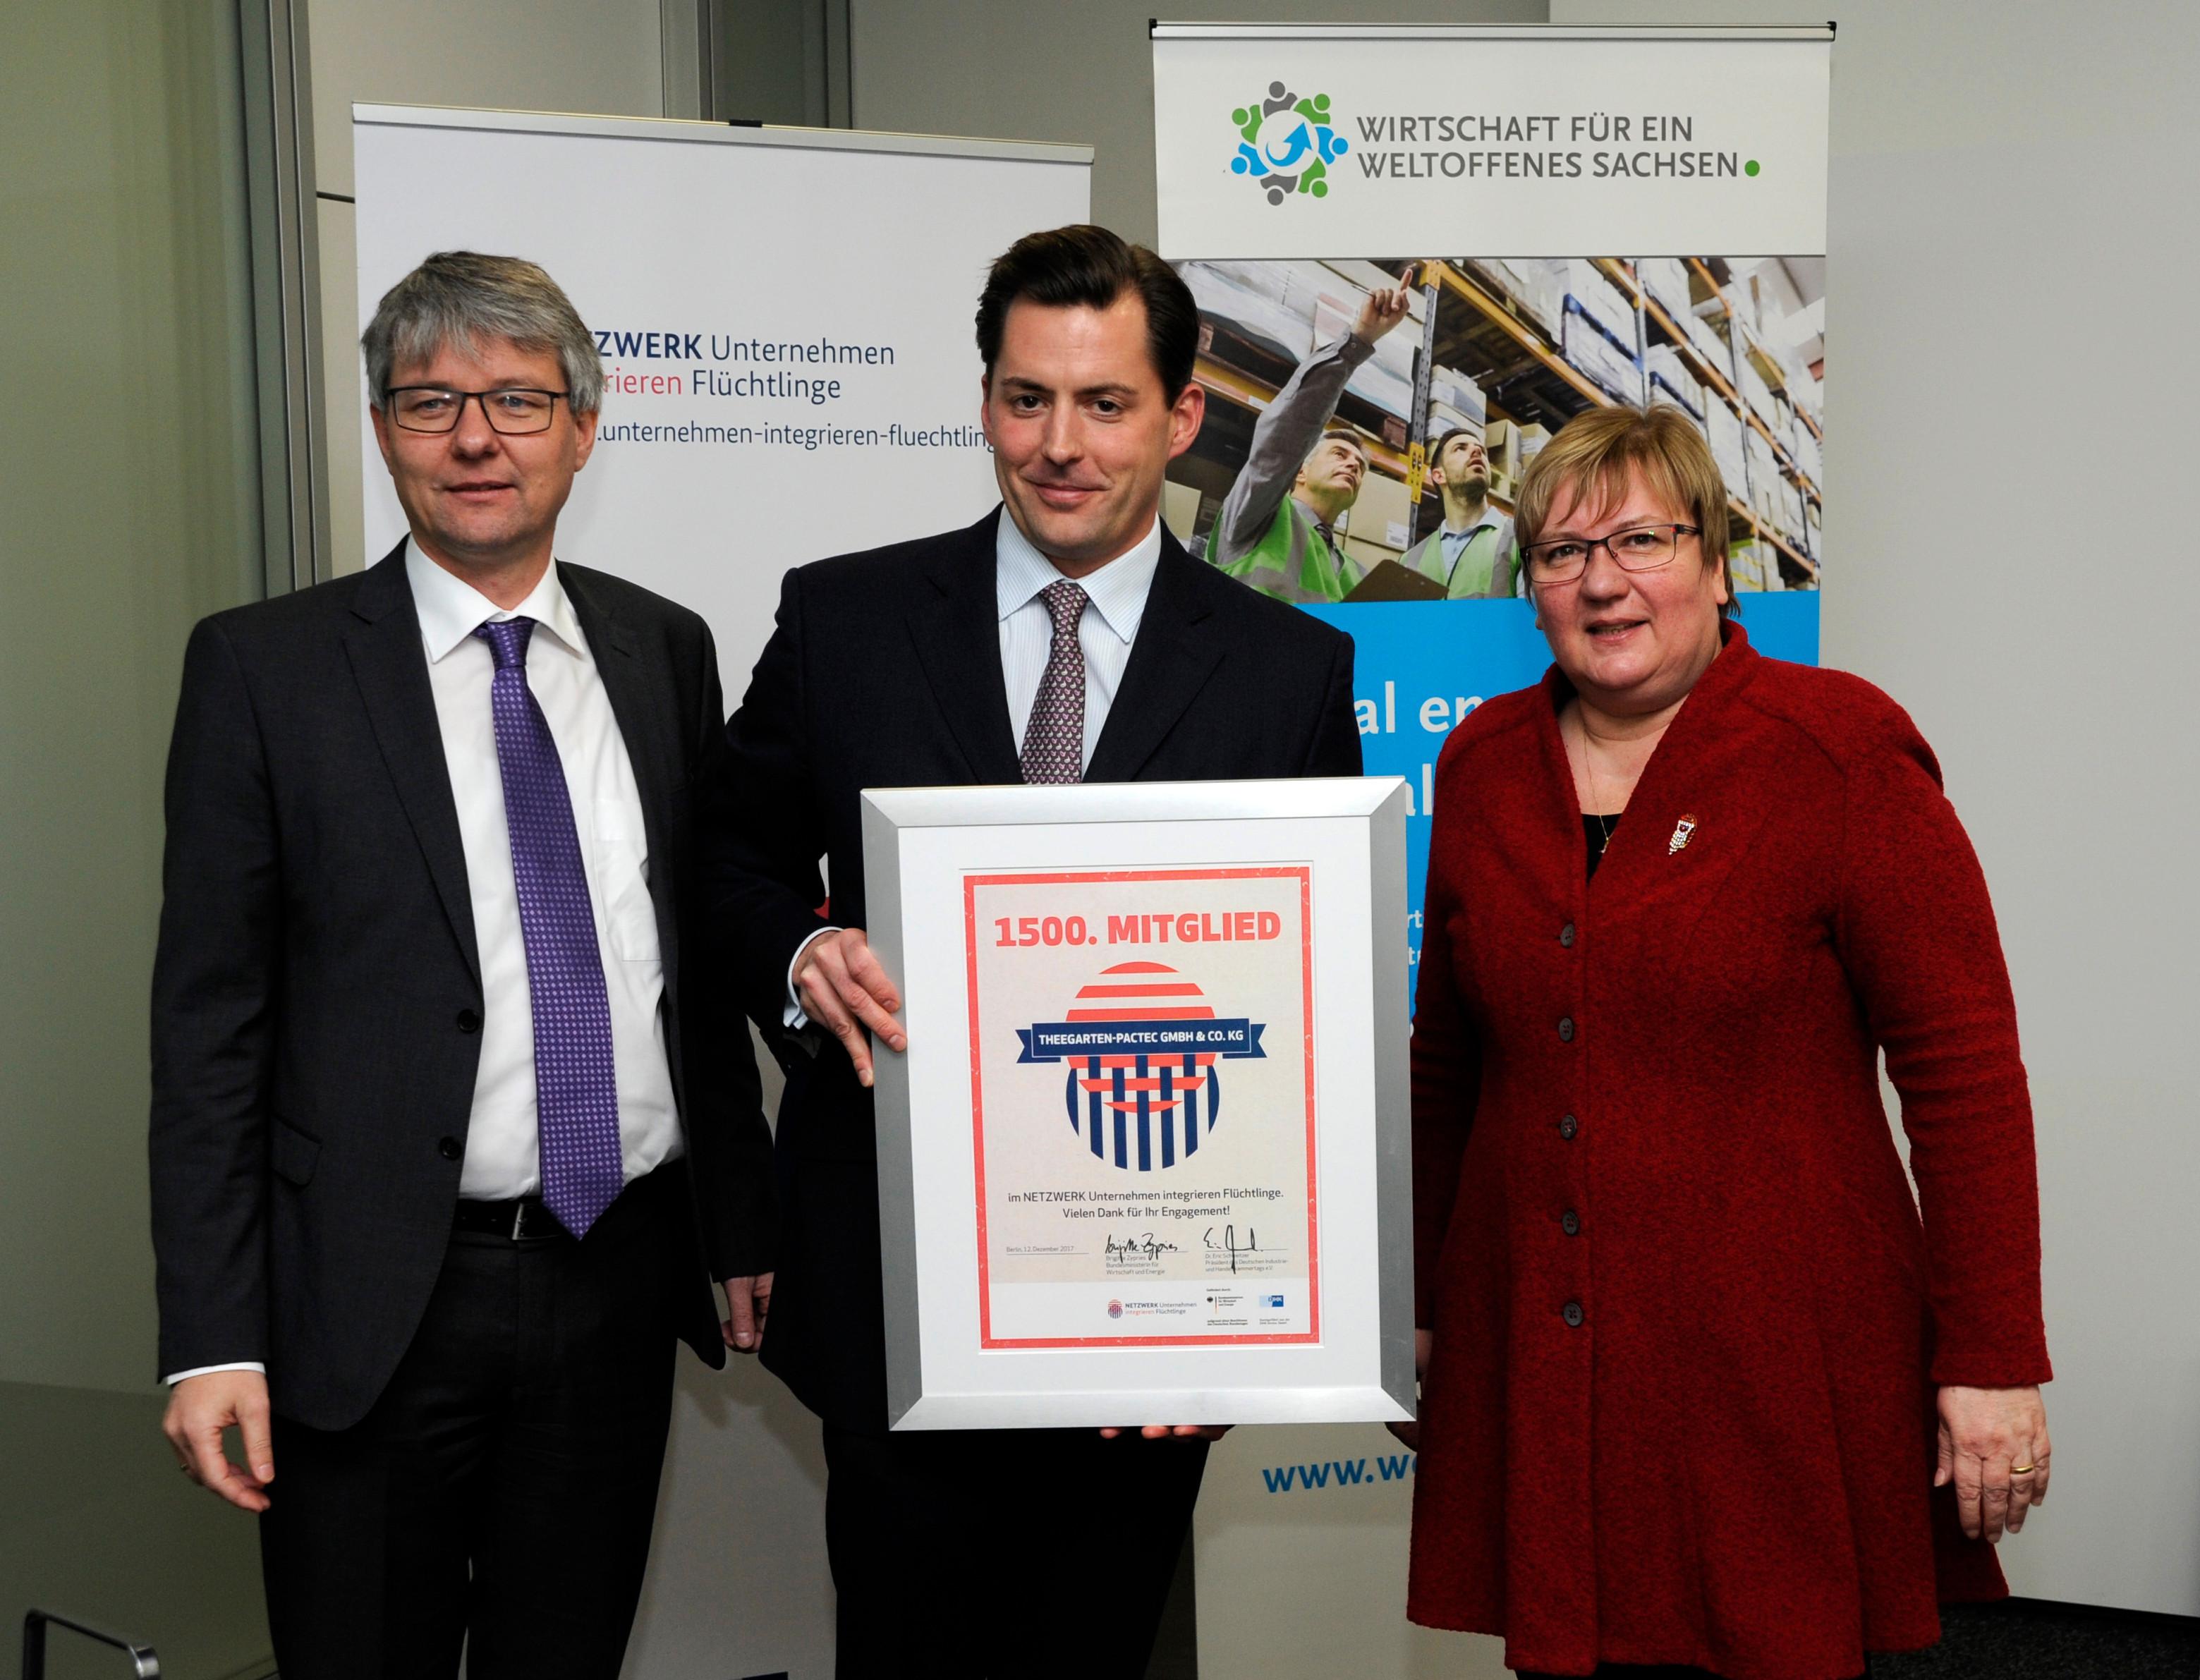 Achim Dercks (DIHK) und Iris Gleicke (BMWi) begrüßen Markus Rustler von Theegarten-Pactec als 1500. Unternehmen im NETZWERK Unternehmen integrieren Flüchtlinge.